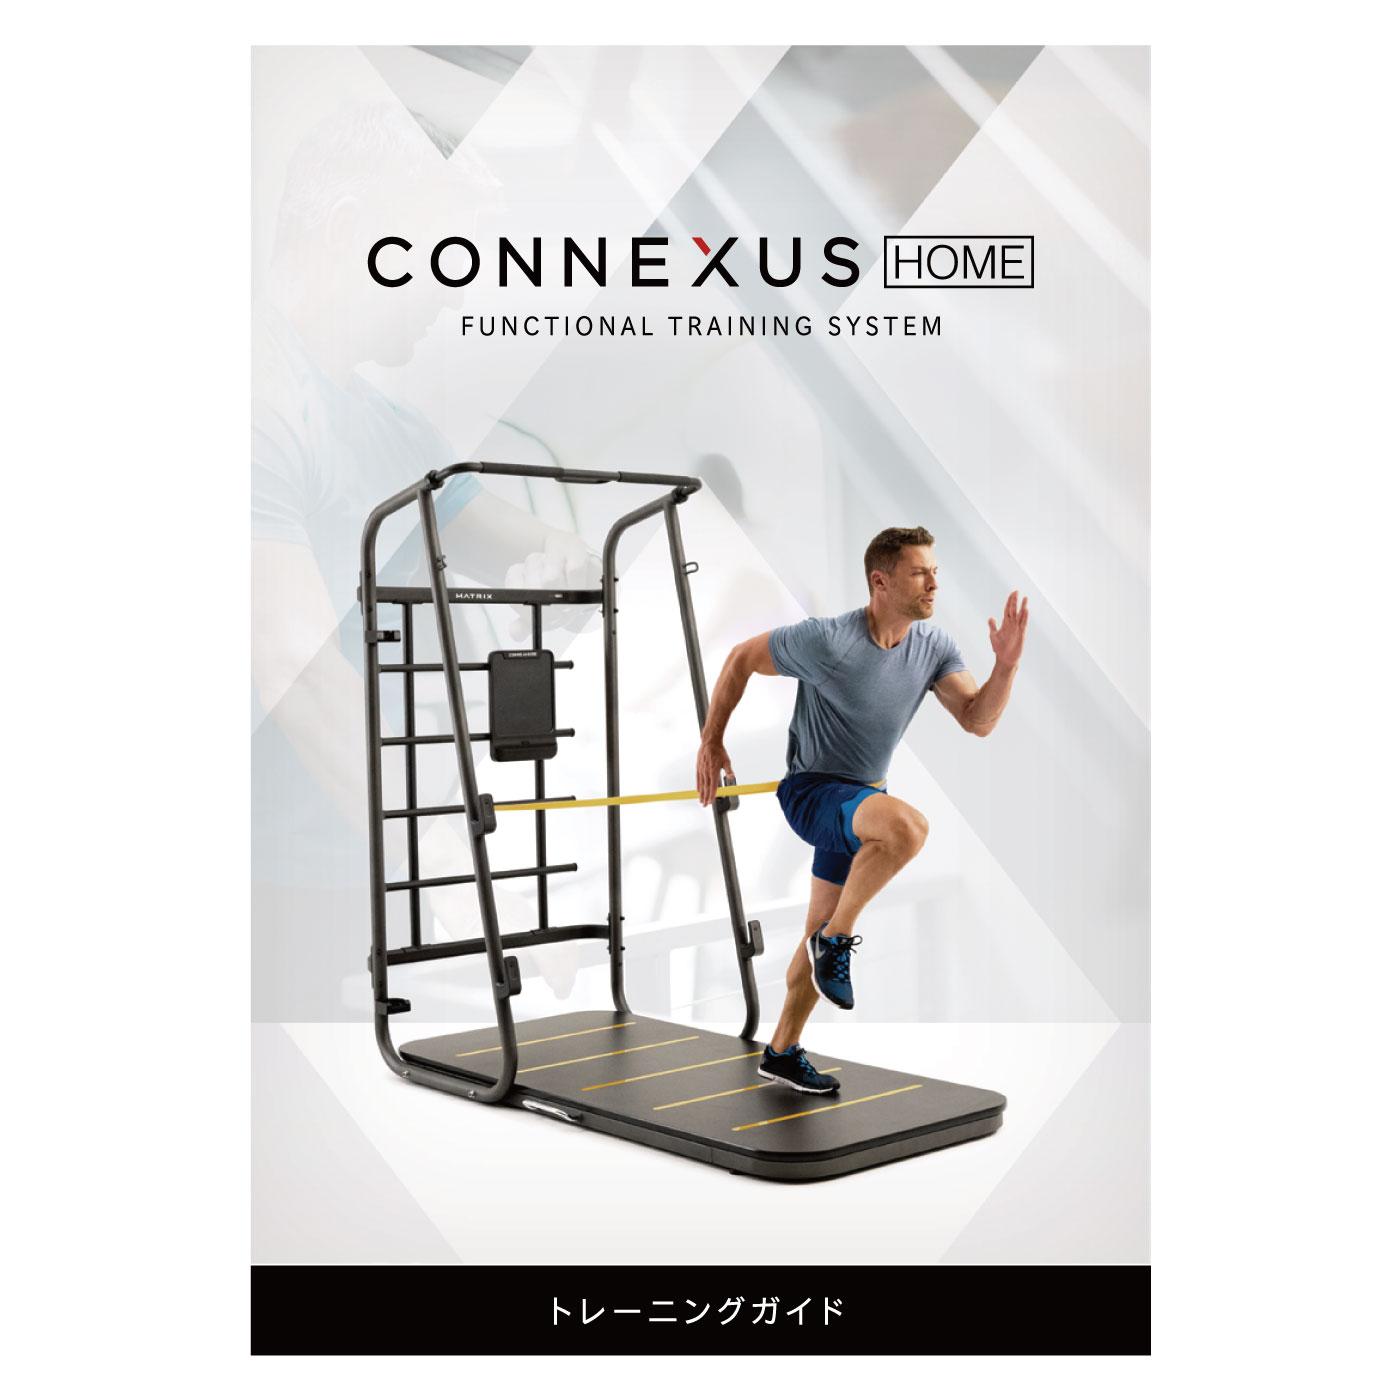 CXR50(コネクサスホーム)/家庭用ファンクショナルトレーナー〈家庭用MATRIX〉《ジョンソンヘルステック》